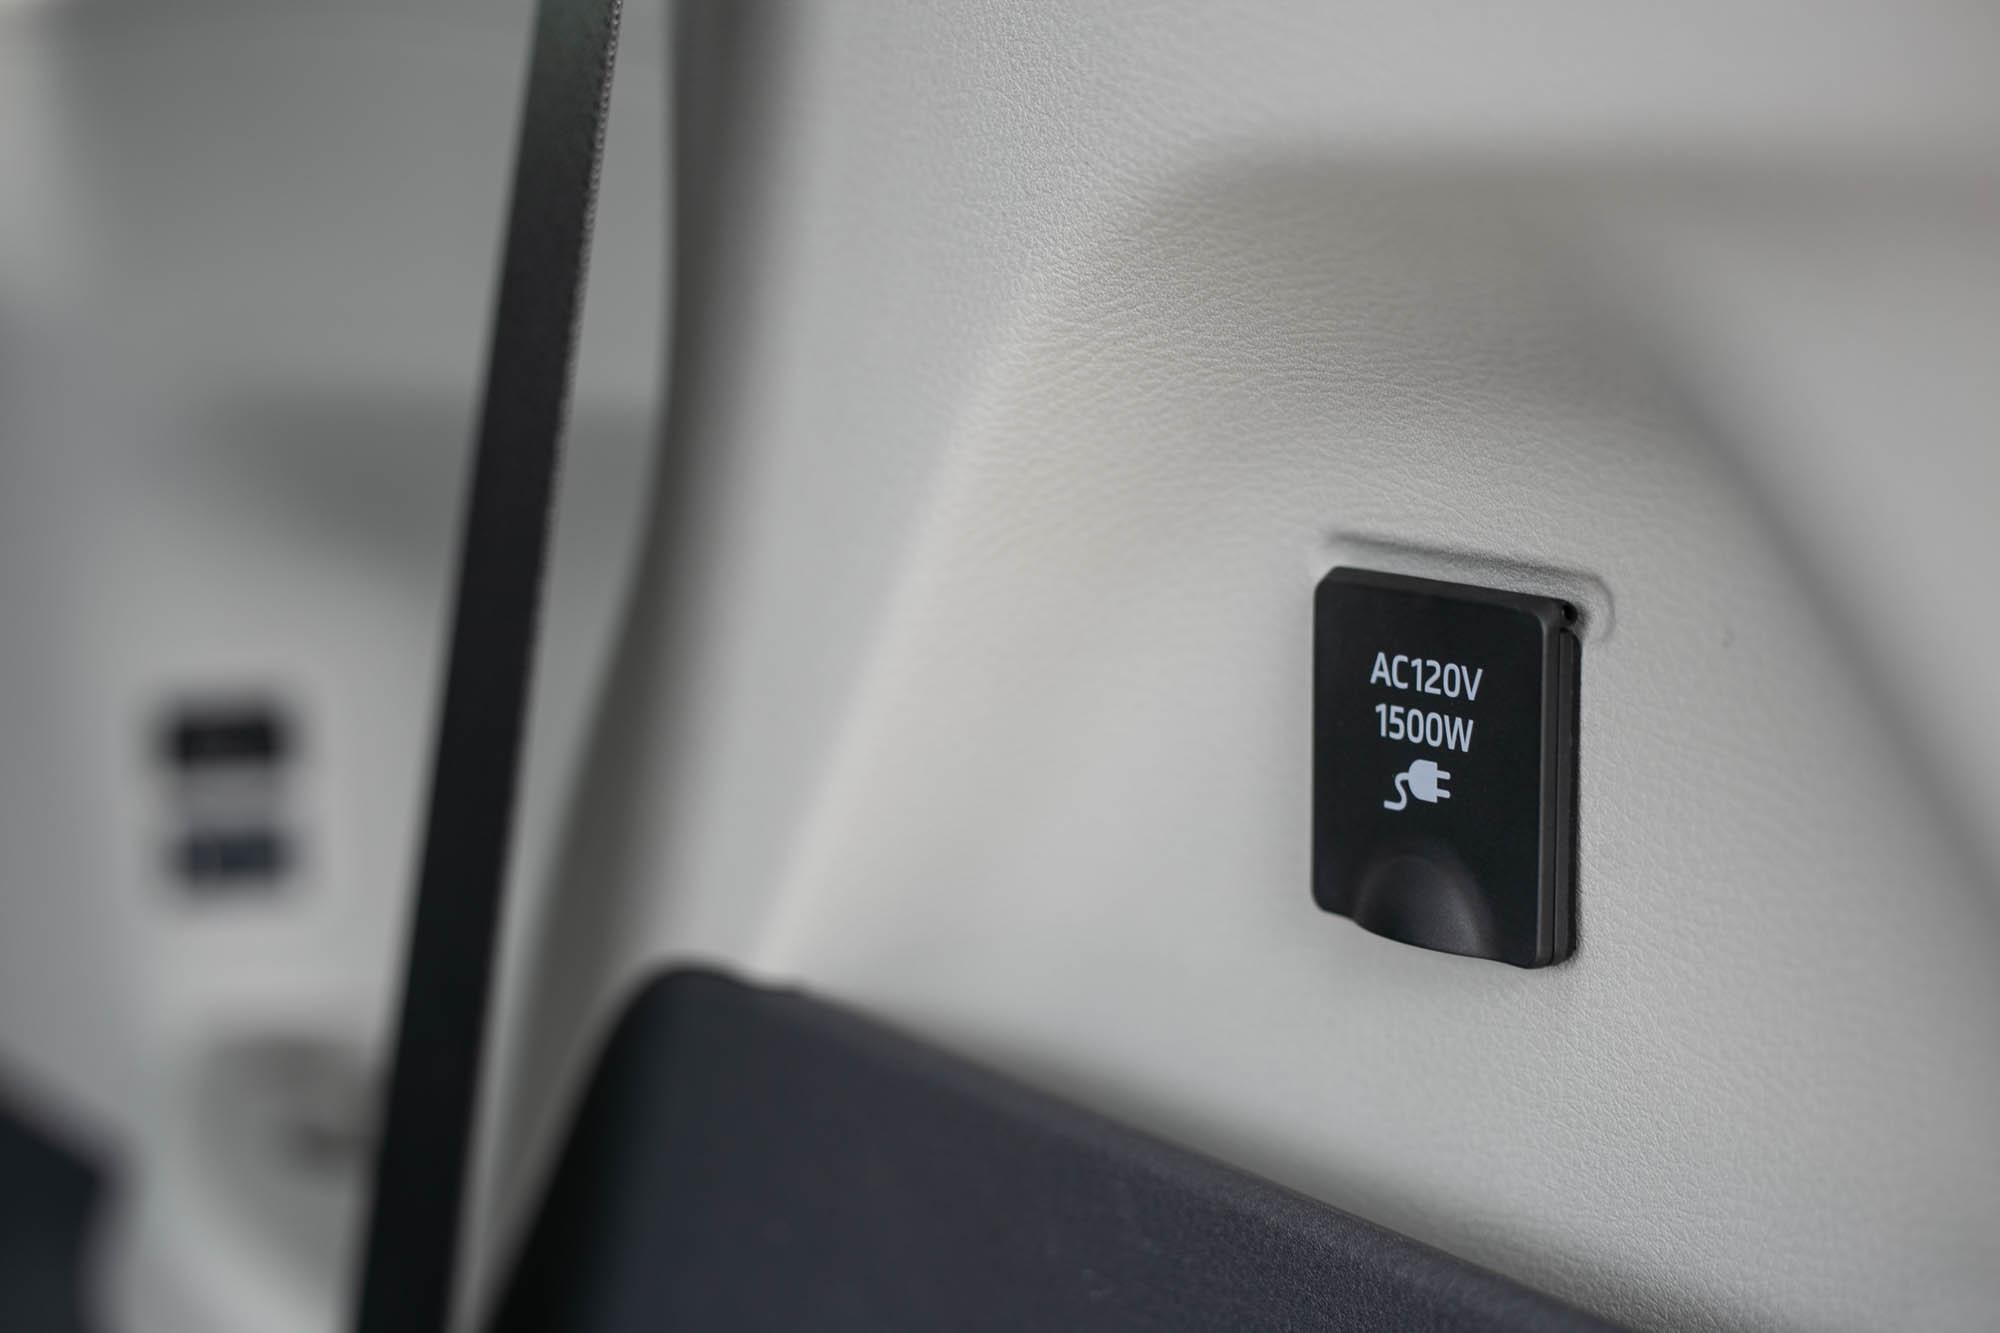 後廂右側配備 1500W 電源供應器,並有雙 AC120V 插座。